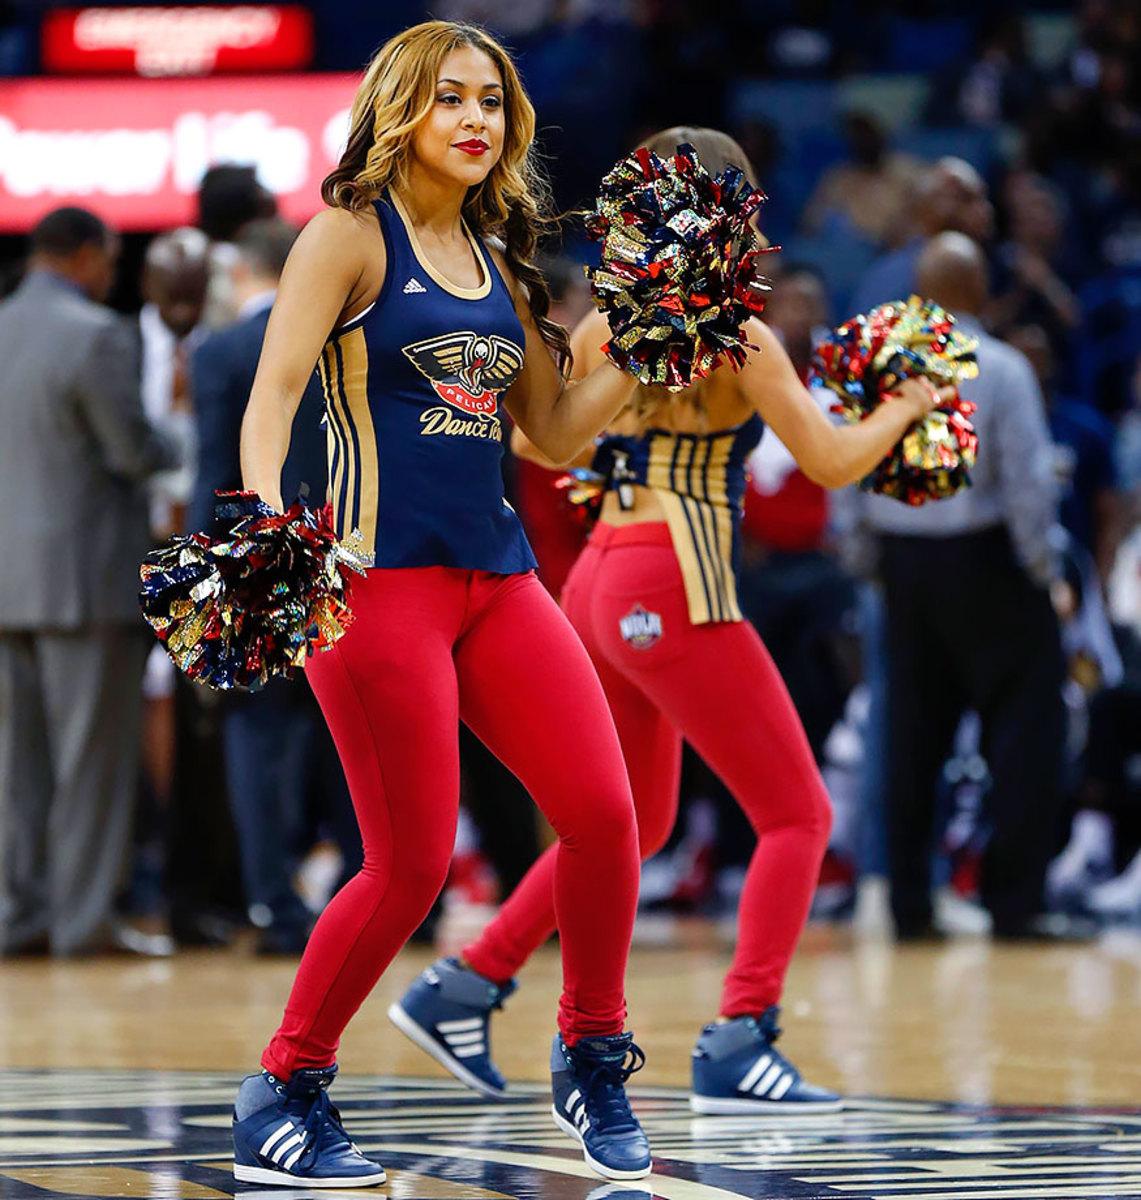 New-Orleans-Pelicans-Dancers-f69c01a74b63444d9cd7c2d8ca7f3061-0.jpg